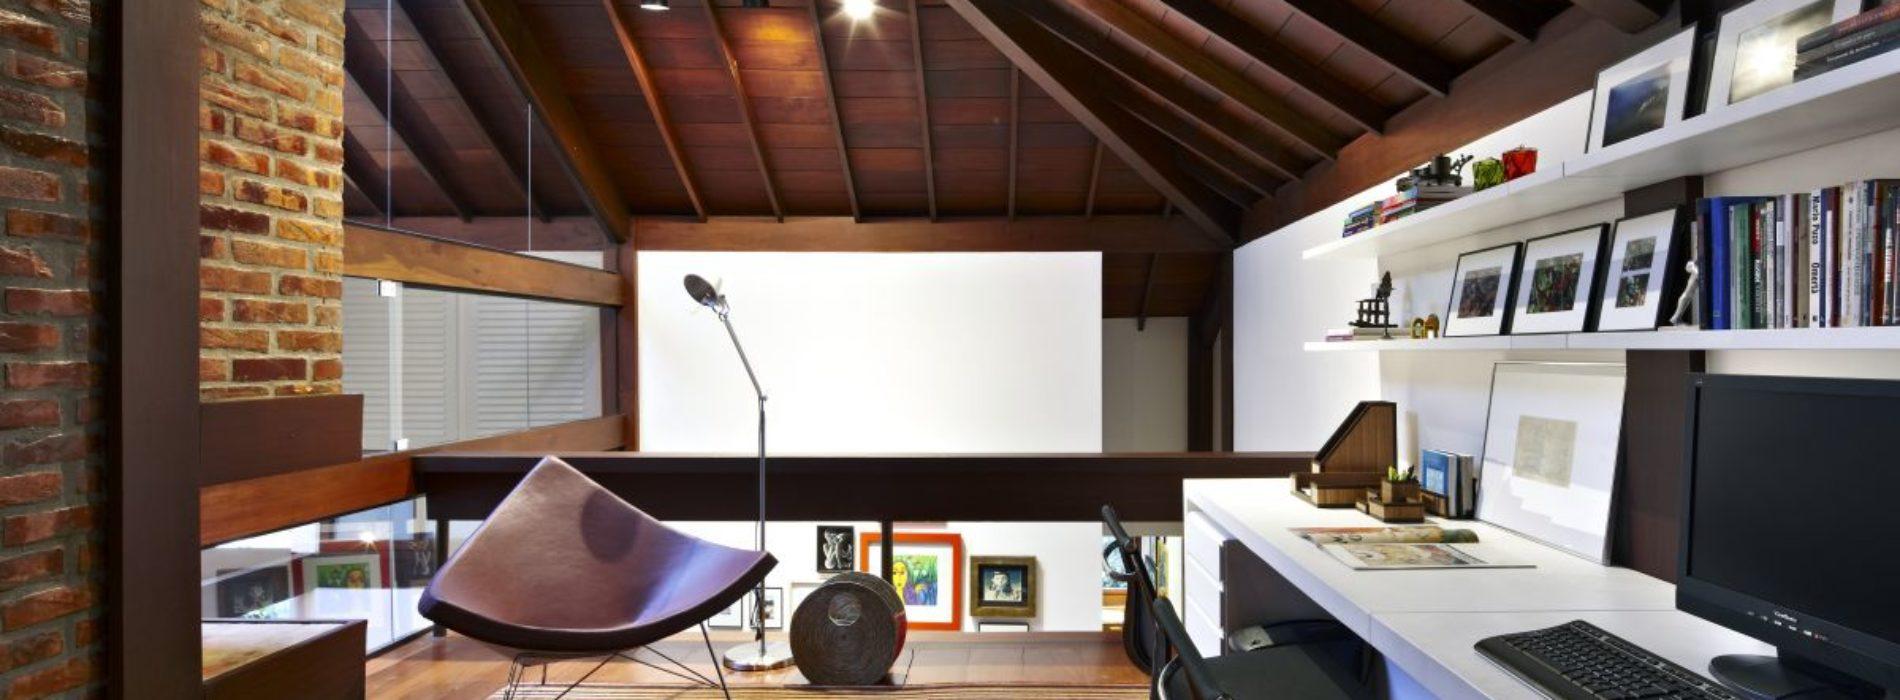 Jak stworzyć domowe biuro na poddaszu?